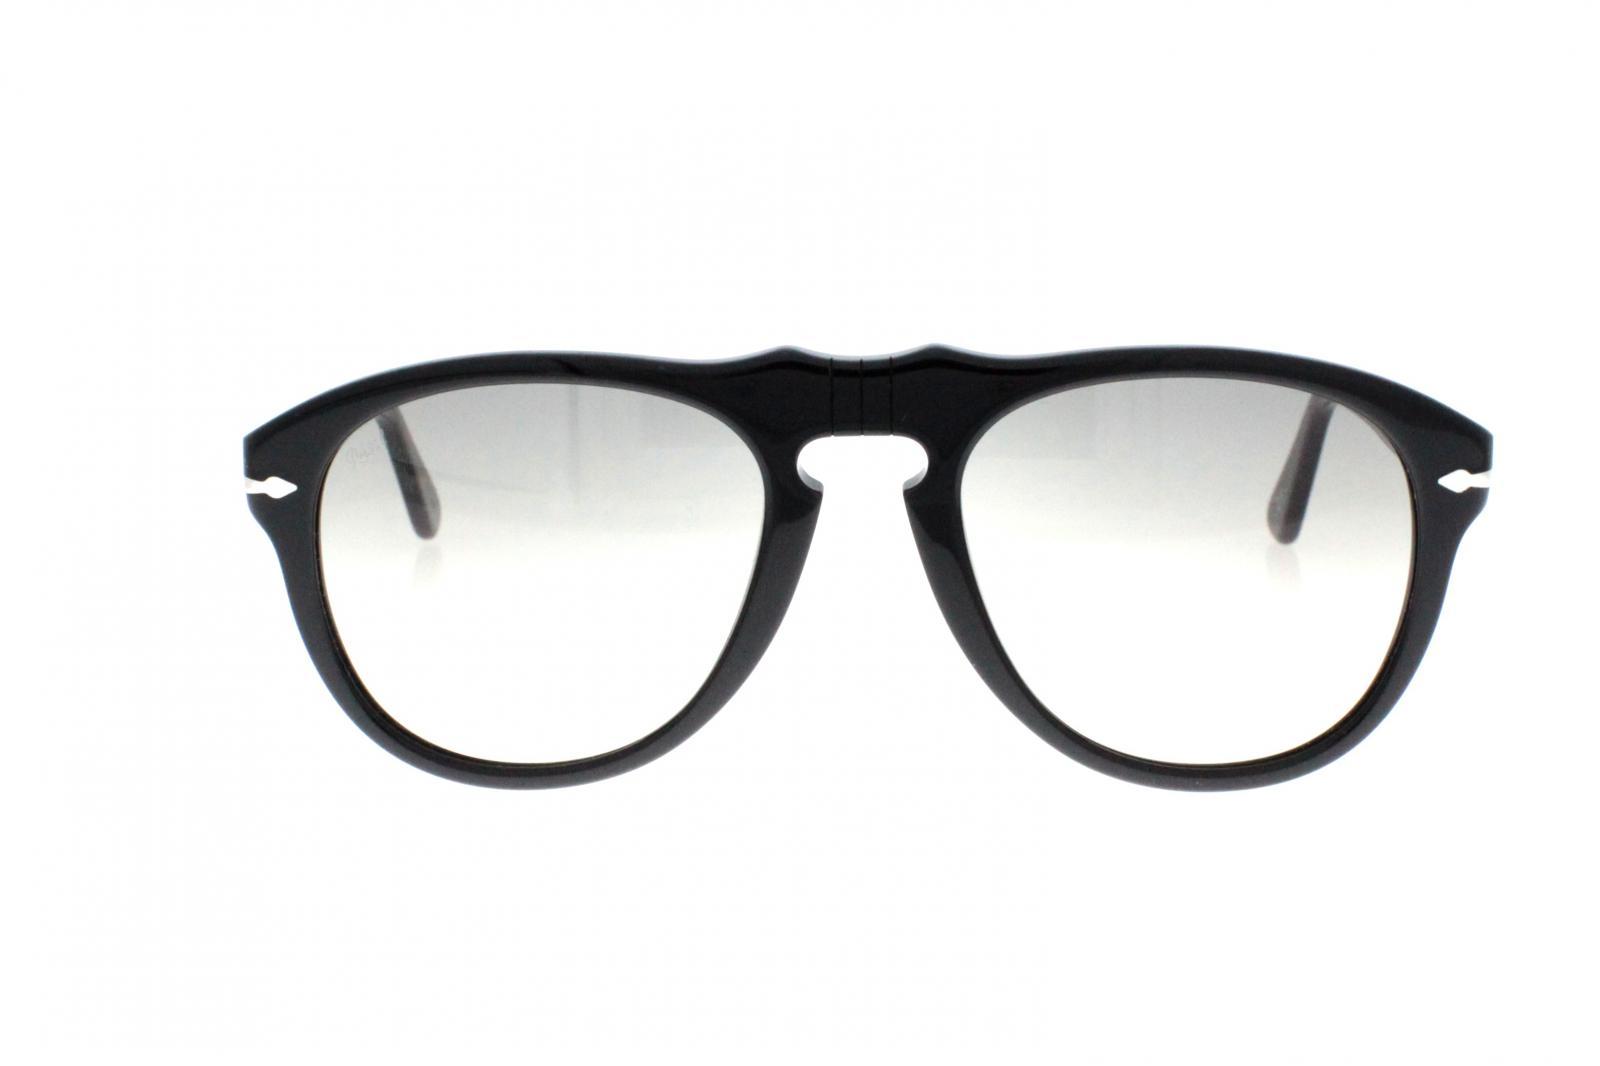 Lunette Persol Homme Pas Cher. lunettes de soleil ... bce150a4ad03